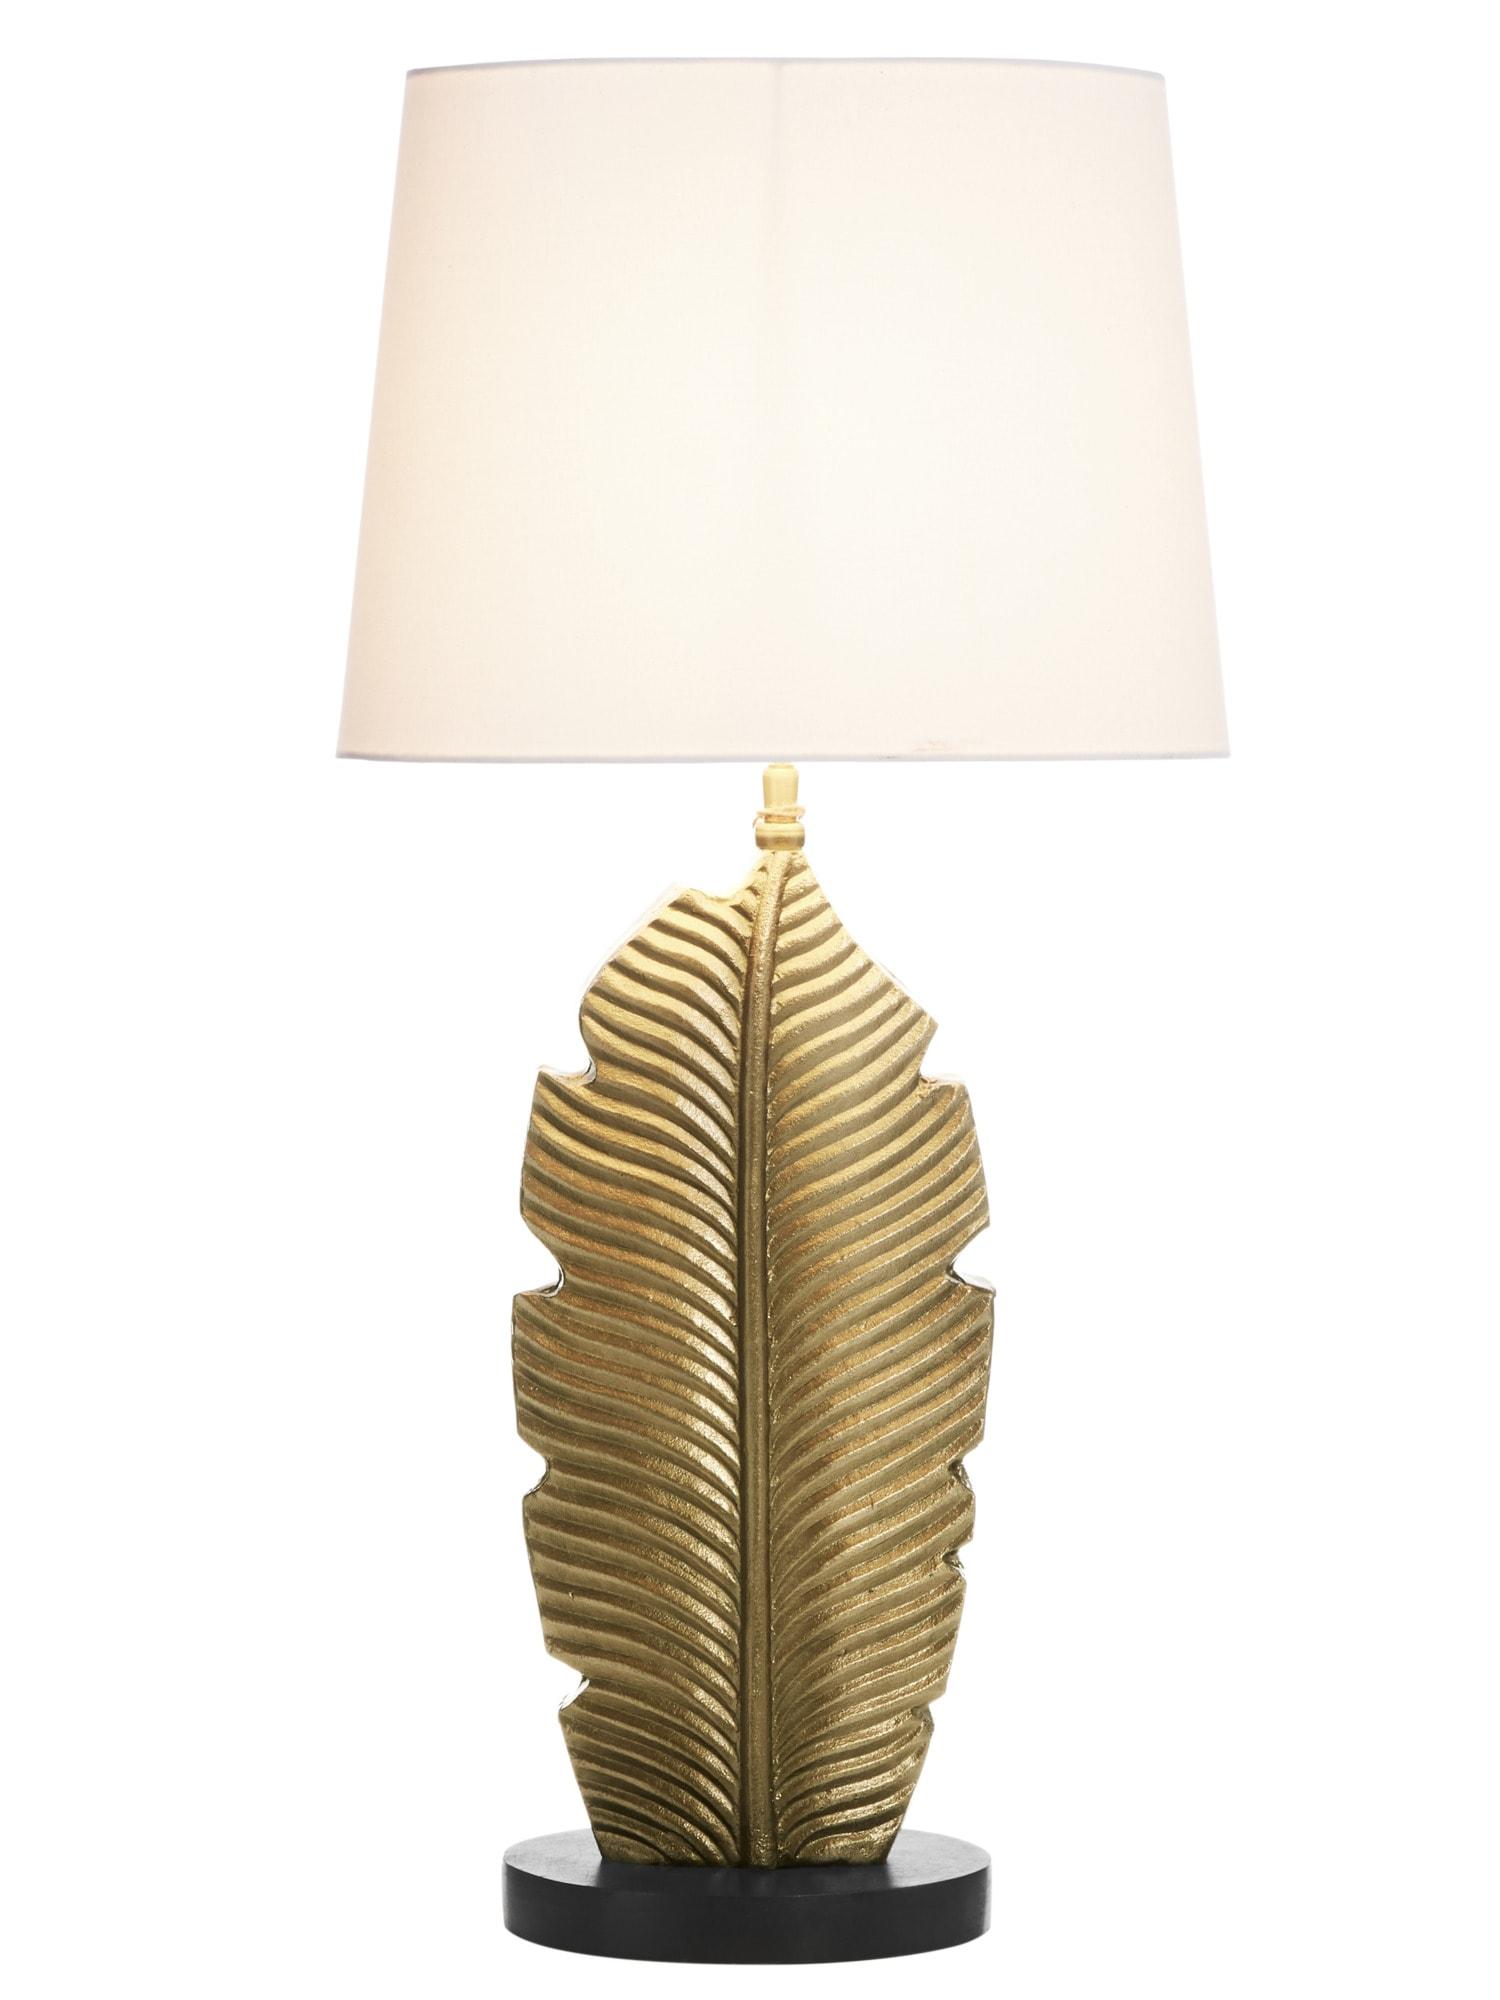 Tischleuchte | Lampen > Tischleuchten > Beistelltischlampen | Aluminium | heine home